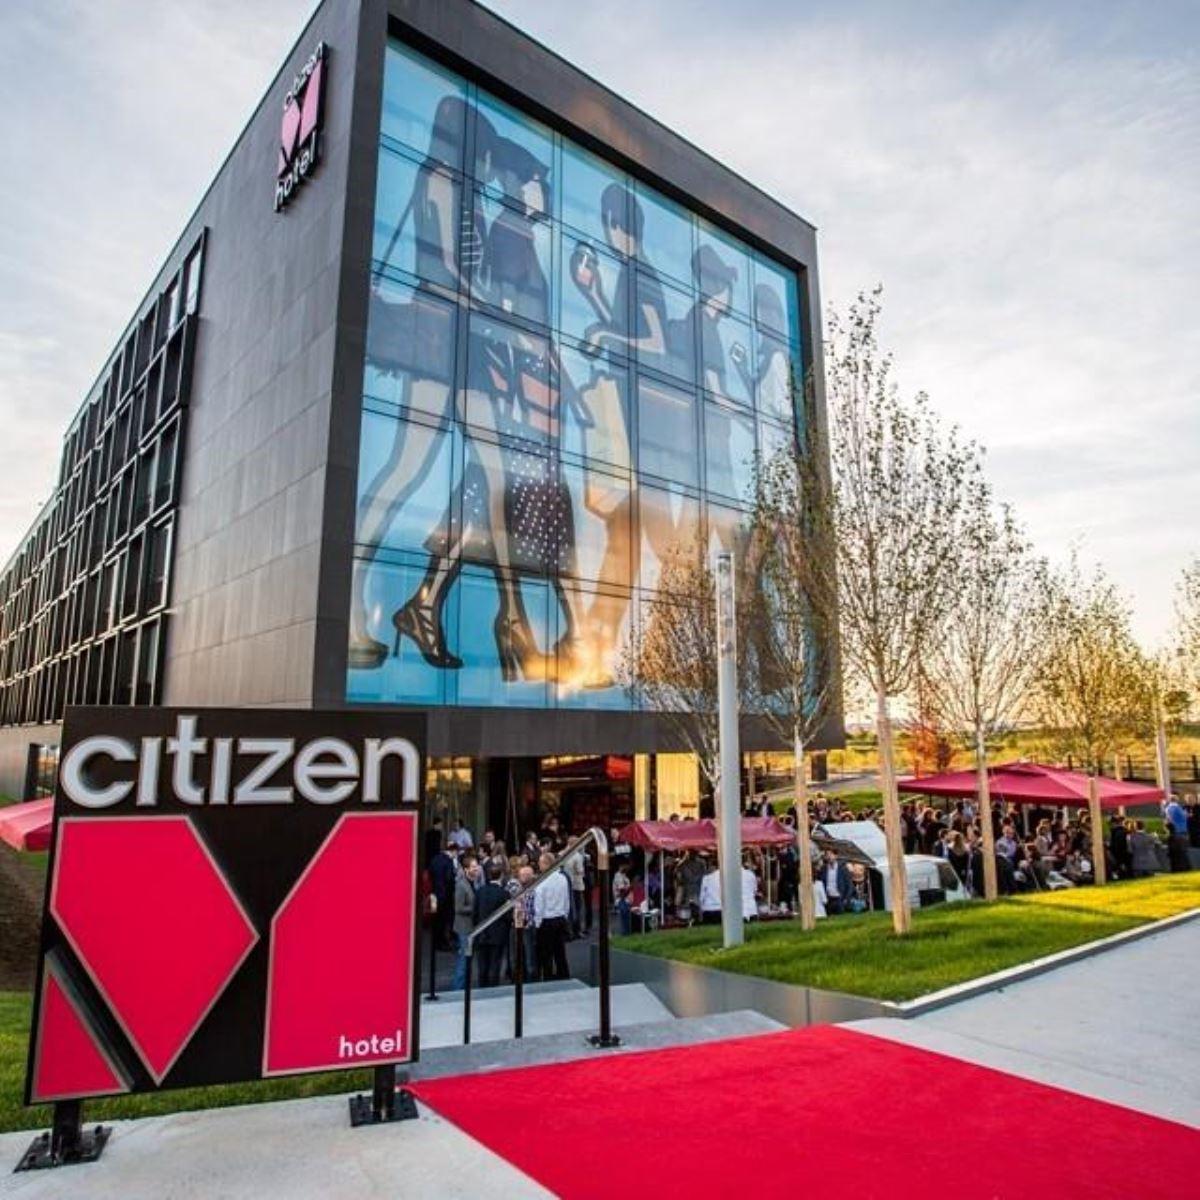 citizenM 巴黎戴高樂機場酒店外觀。圖片來源:citizenM hotels(@citizenm)• Instagram